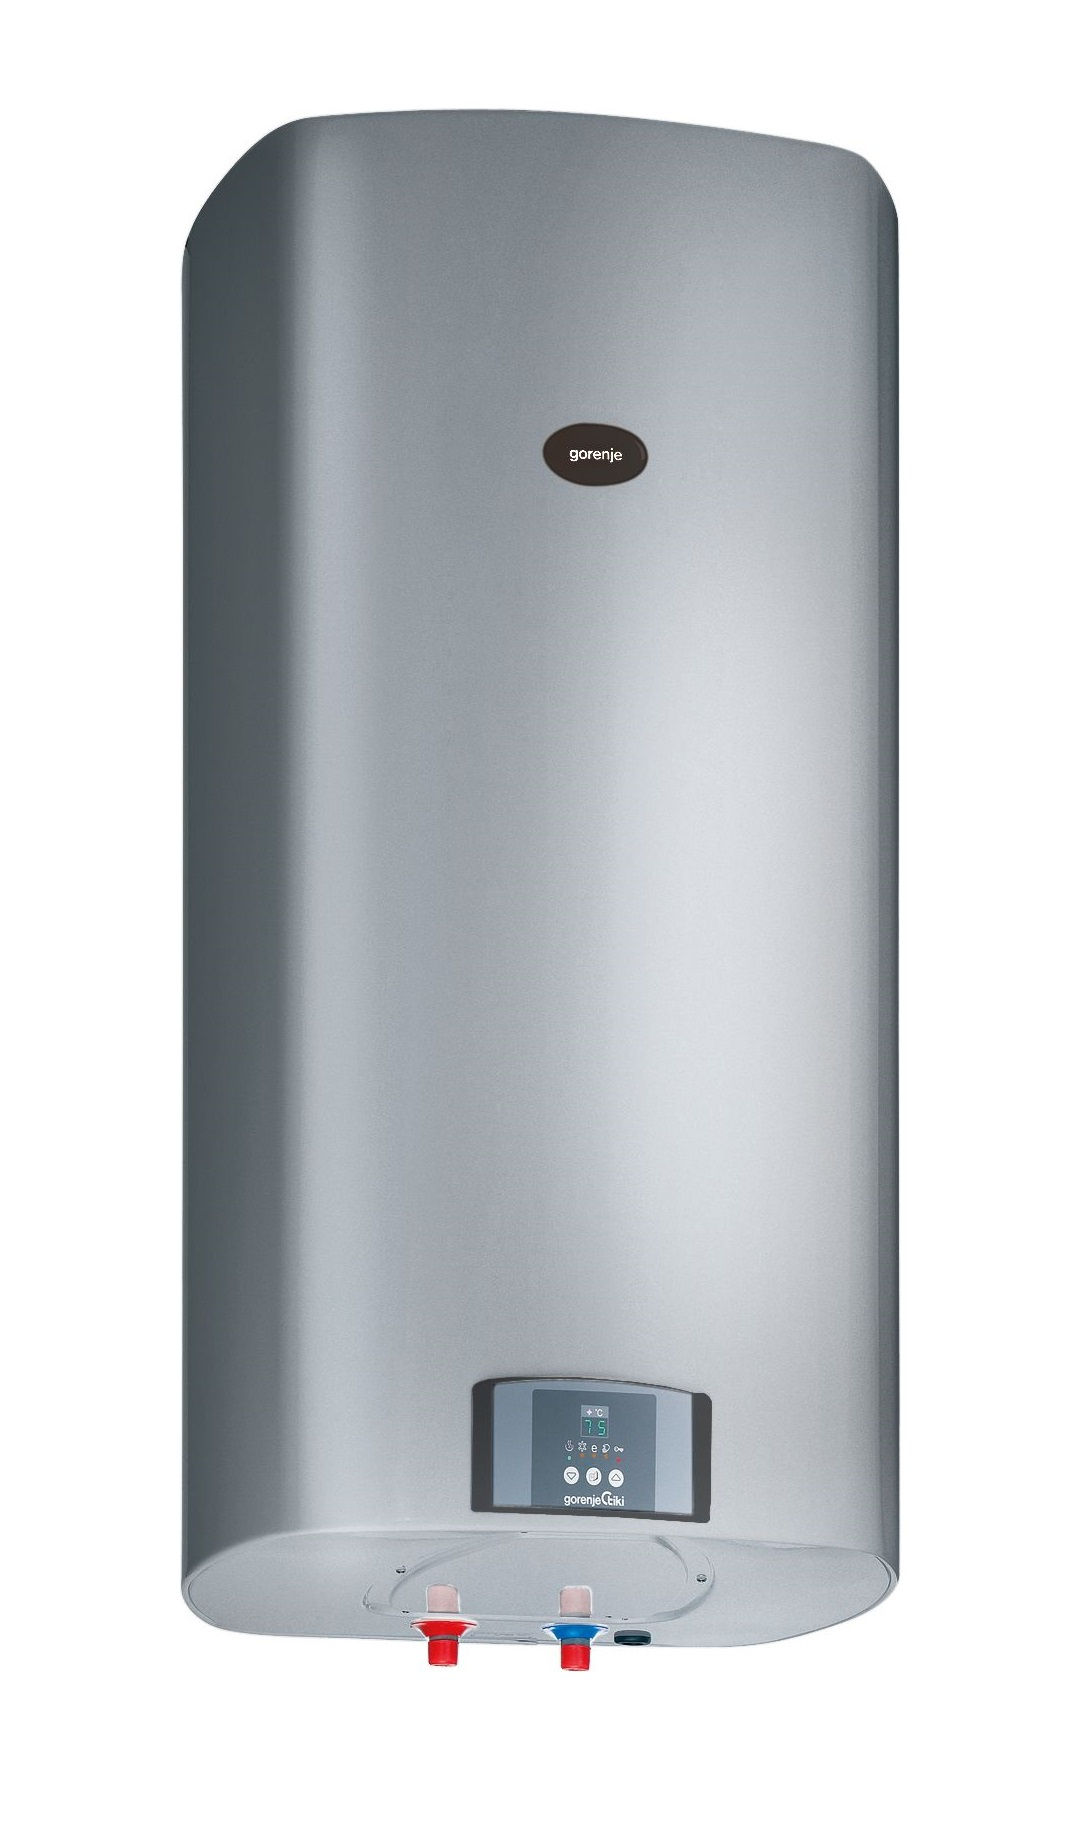 Купить Накопительный водонагреватель GORENJE OGB80SEDDSB6 закрытый ТЭН